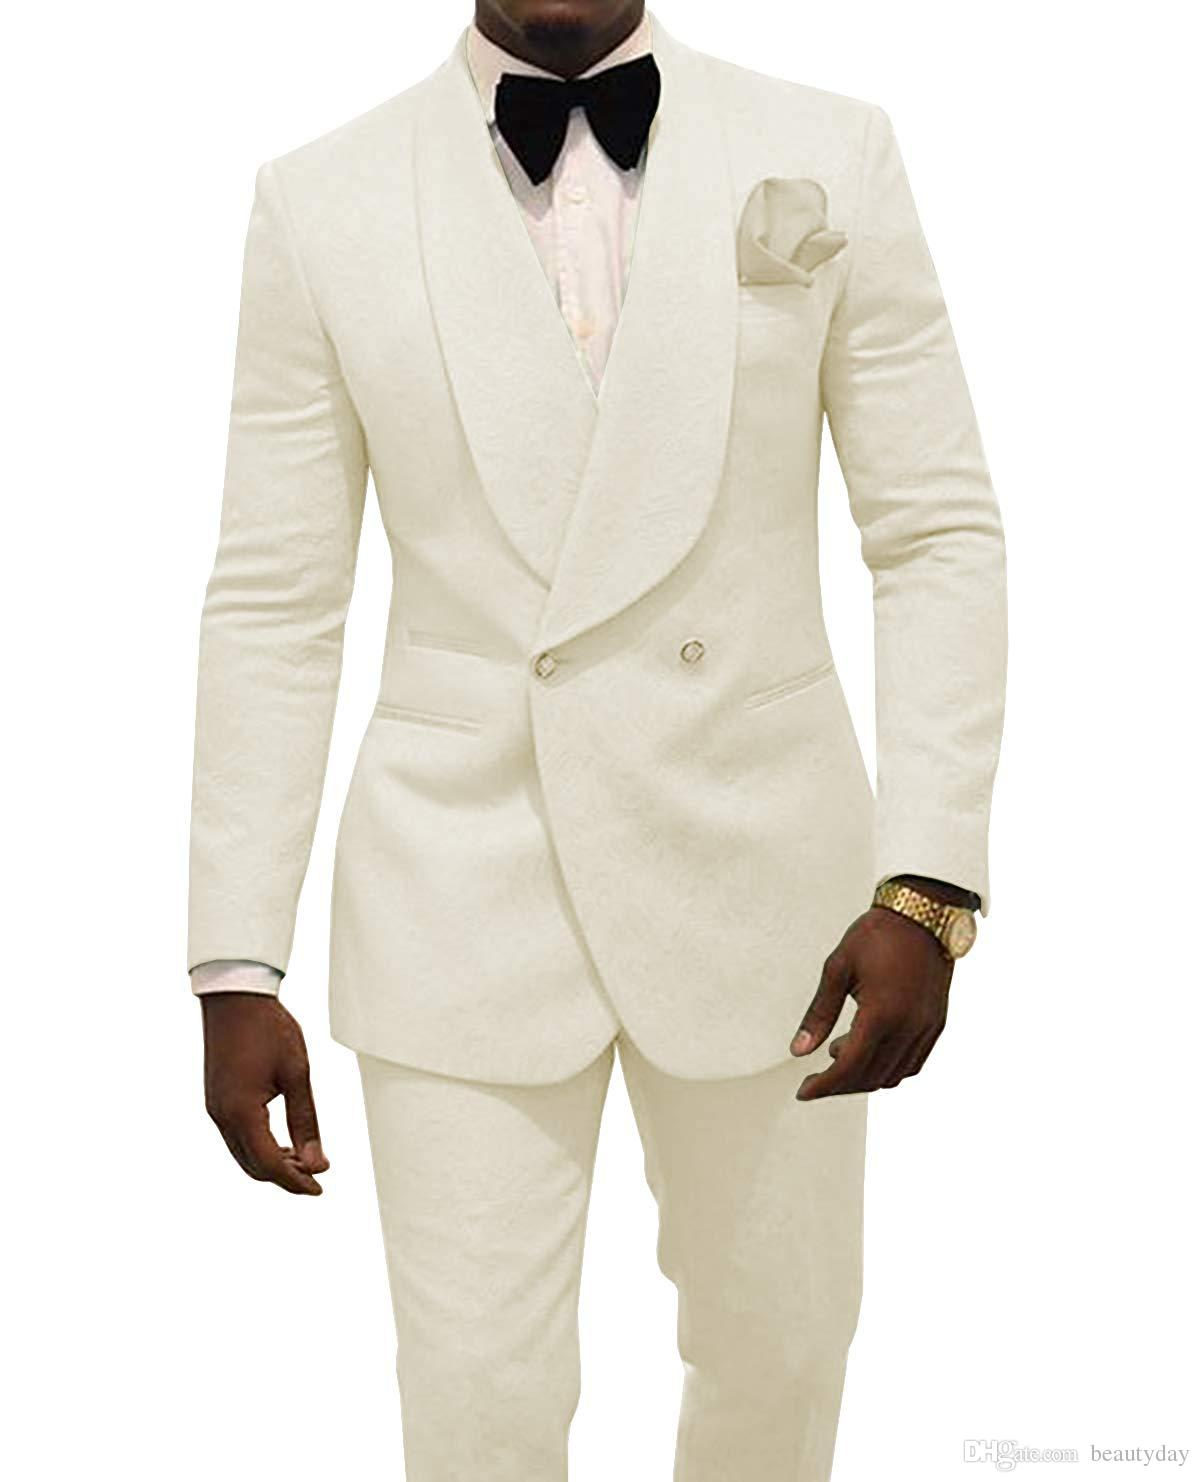 2019 Moda Düğün Smokin Damat Takım Elbise Custom Made Groomsmen Örgün Akşam Yemeği Parti Balo Suits (Ceket + Pantolon + Yay) Custom Made B11